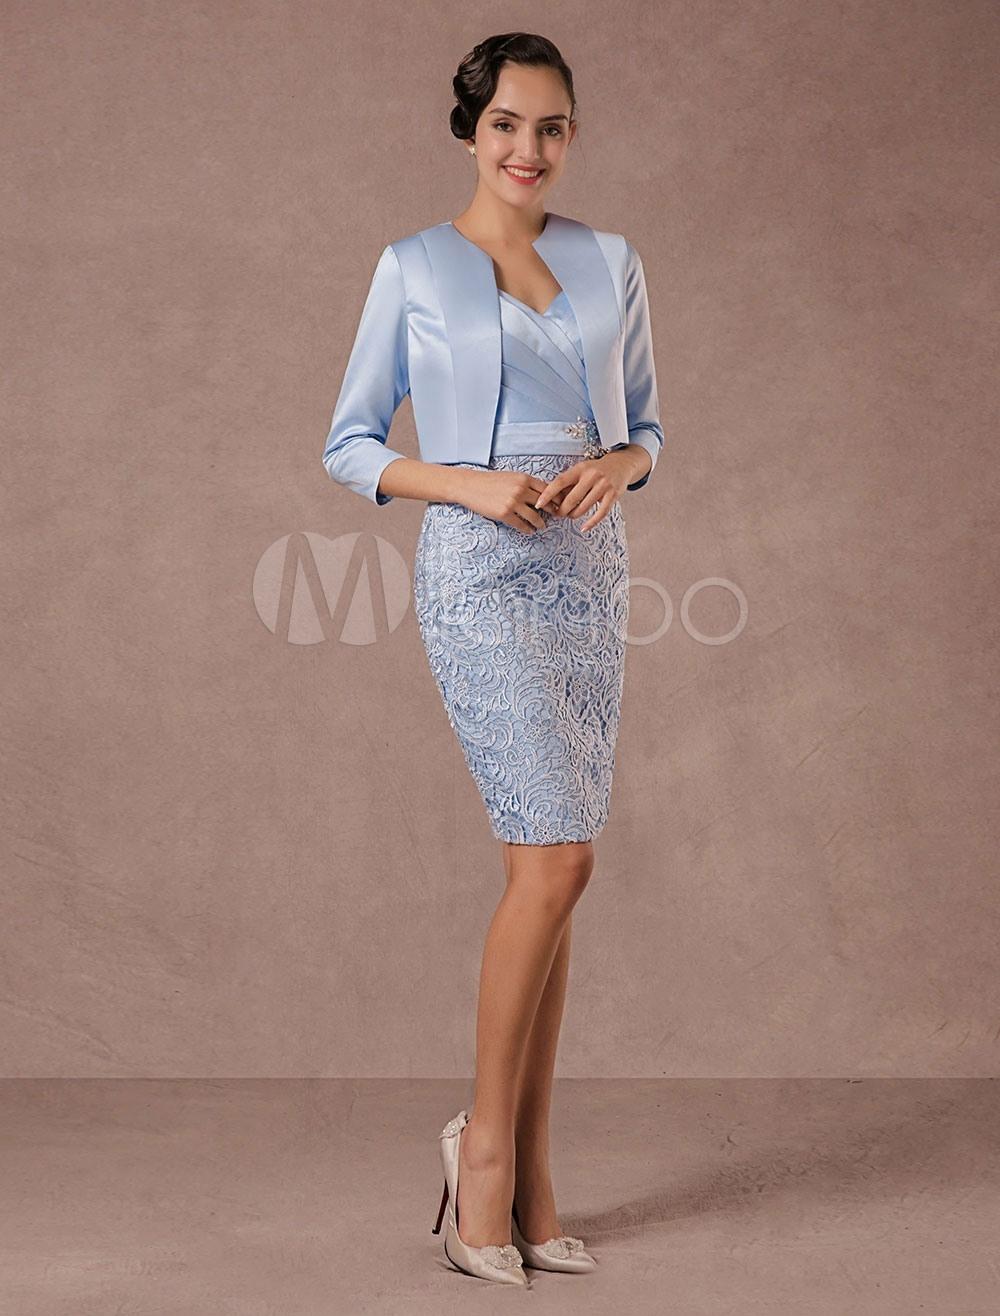 Formal Schön Festkleider Für Damen Ab 50 Bester Preis Cool Festkleider Für Damen Ab 50 Spezialgebiet